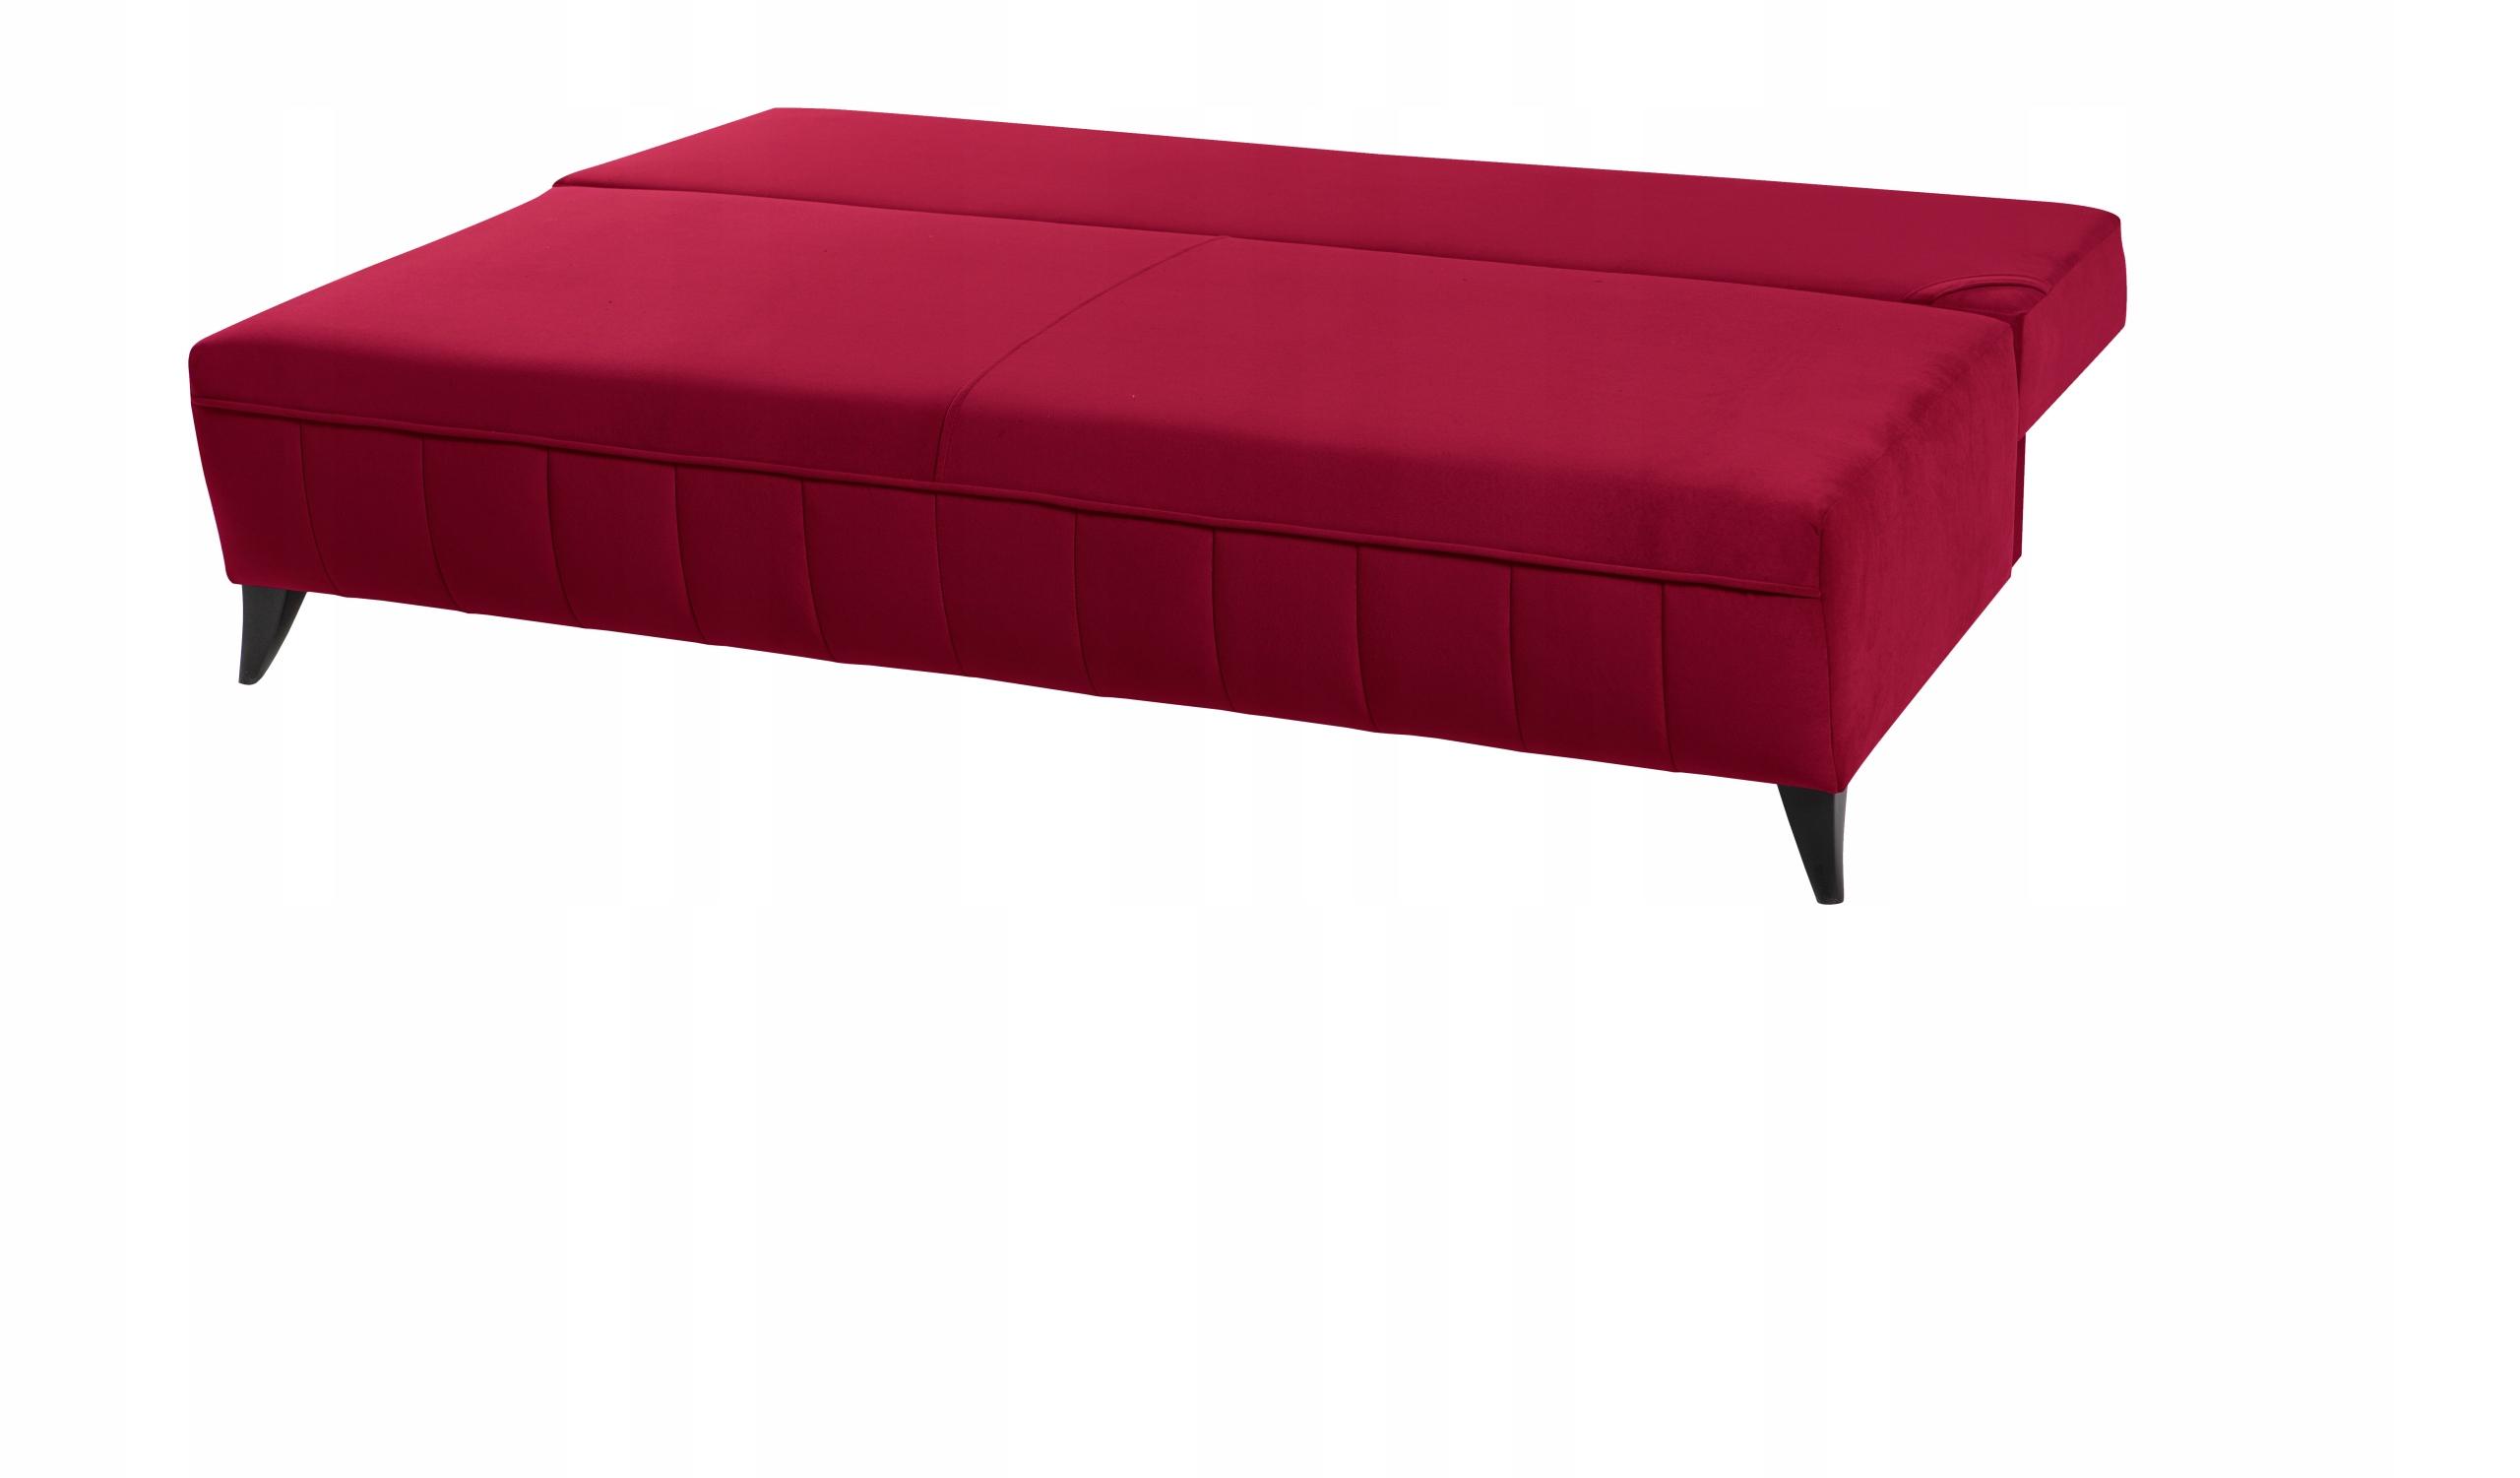 BEFÖRDERUNG! Sofa für das Wohnzimmer DIVA STYL LOFT FROM HAND! Die Breite der Möbel beträgt 200 cm